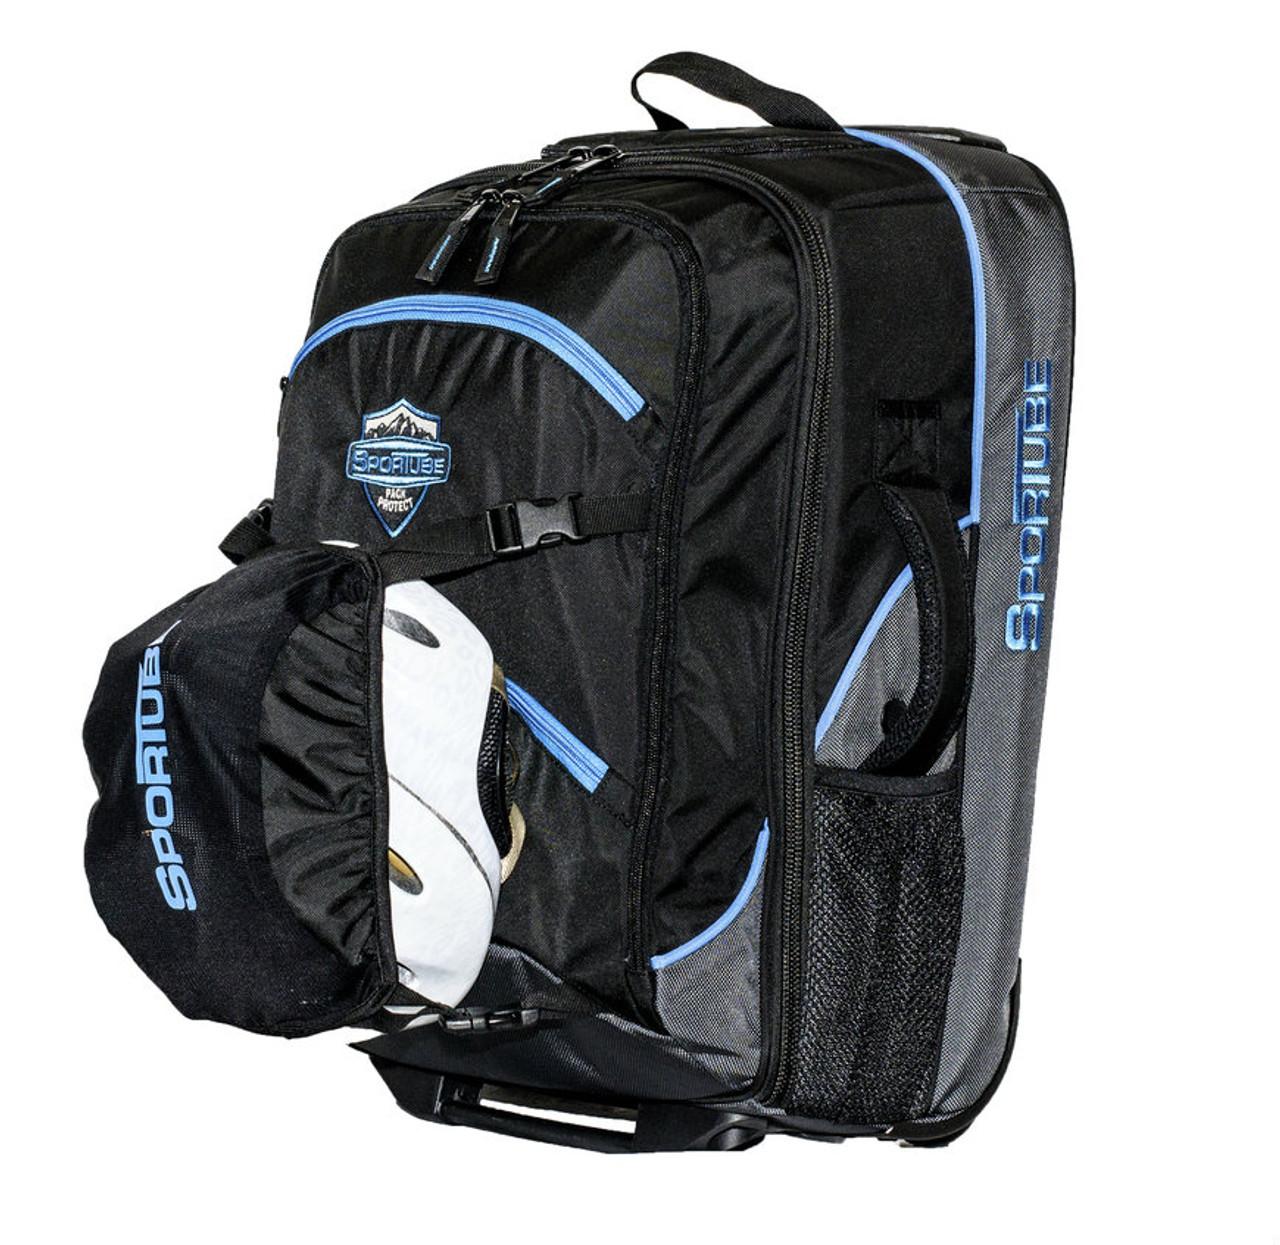 ski boot and gear bag